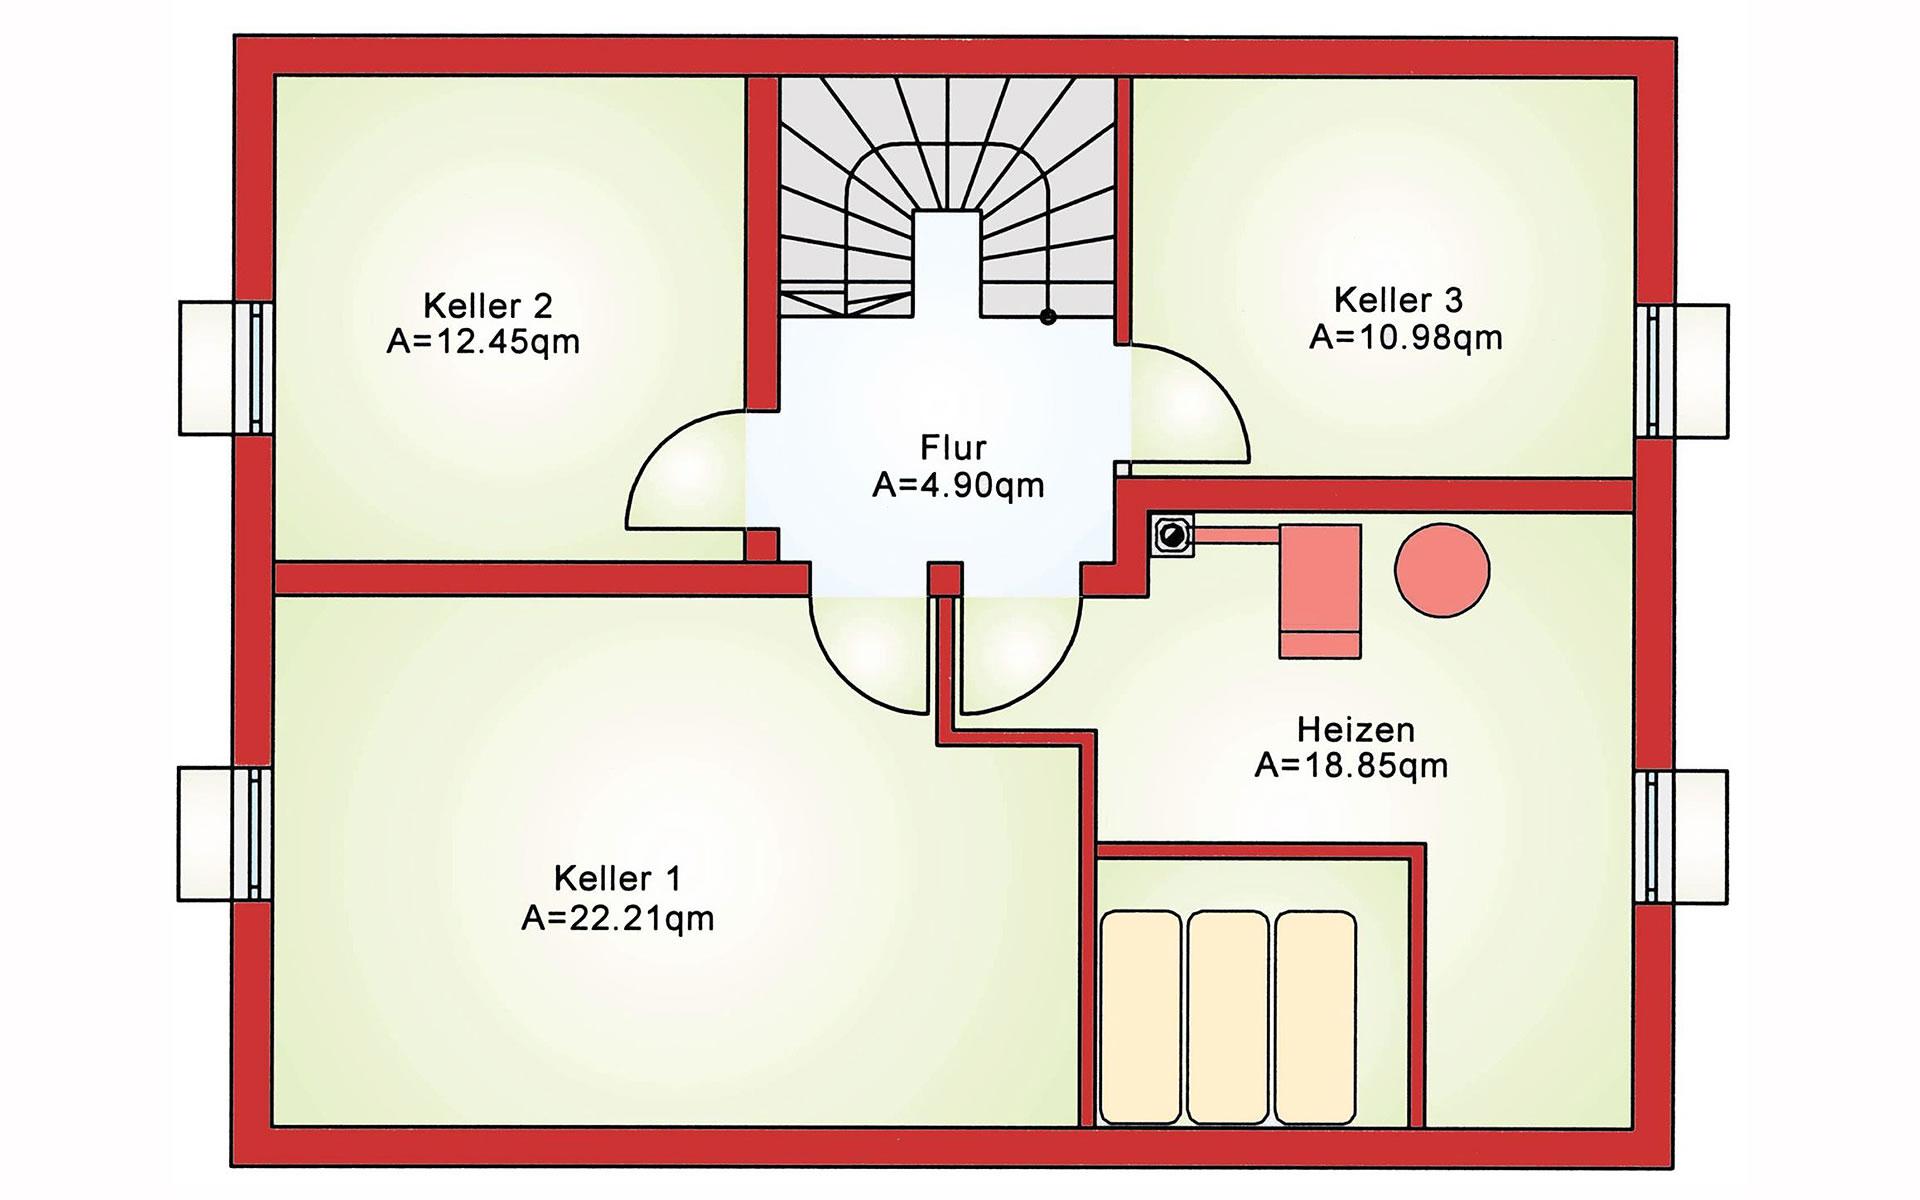 Keller Komfort BS 125 von B&S Selbstbausysteme GmbH & Co. KG